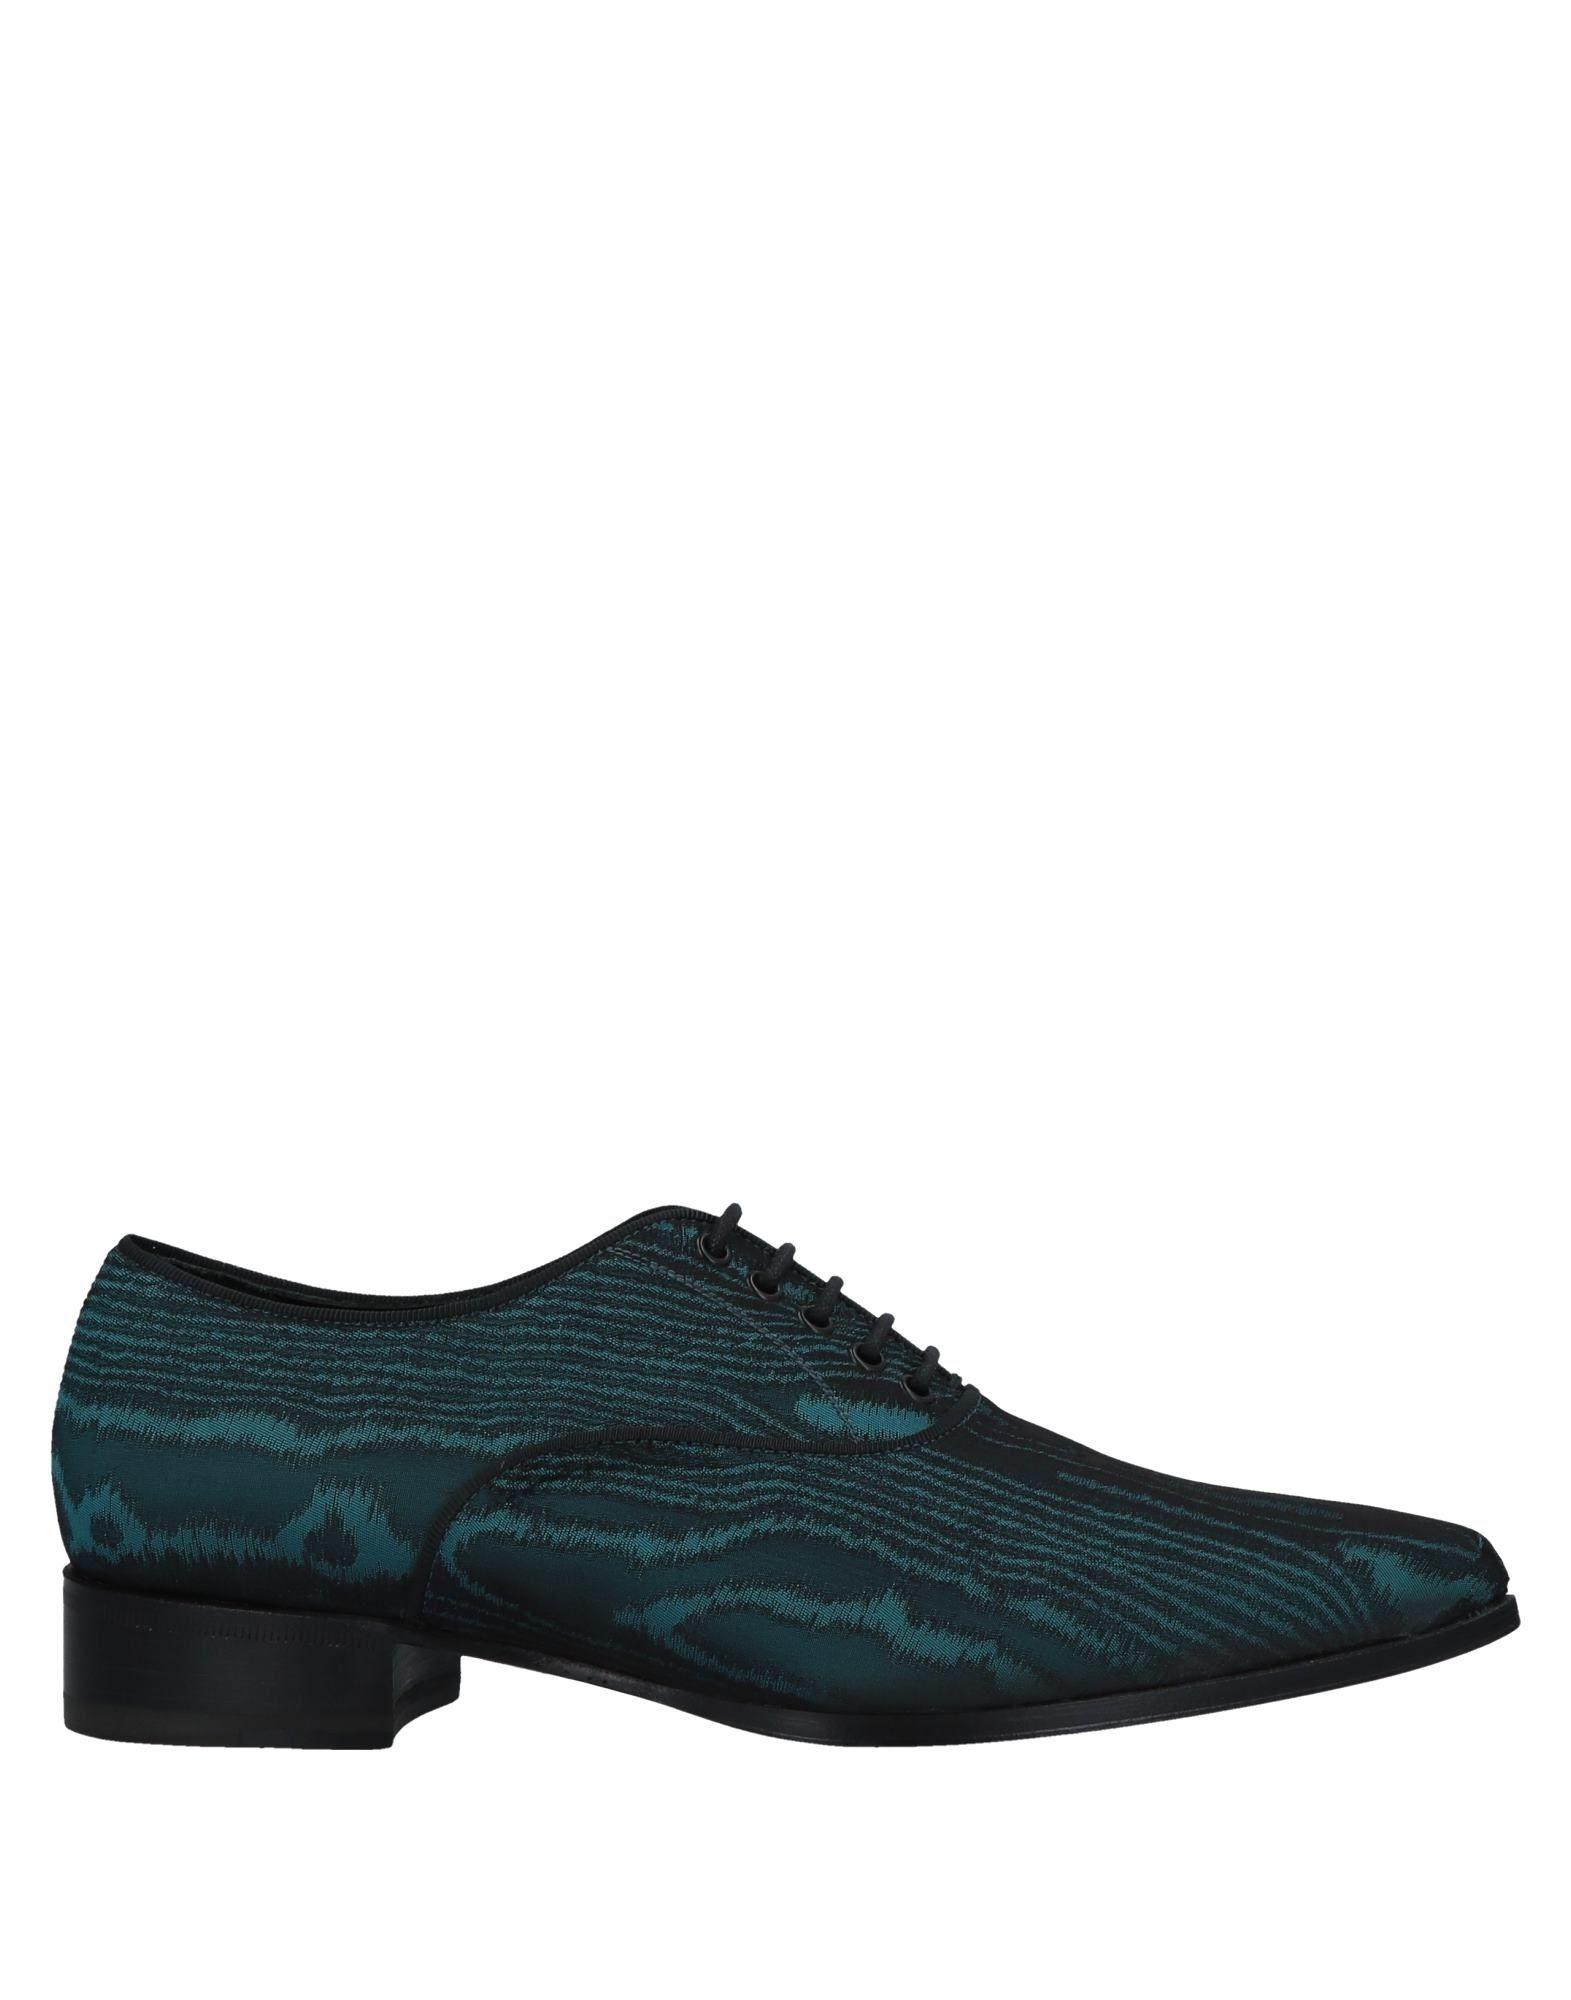 Фото - MAX VERRE Обувь на шнурках обувь на высокой платформе dkny